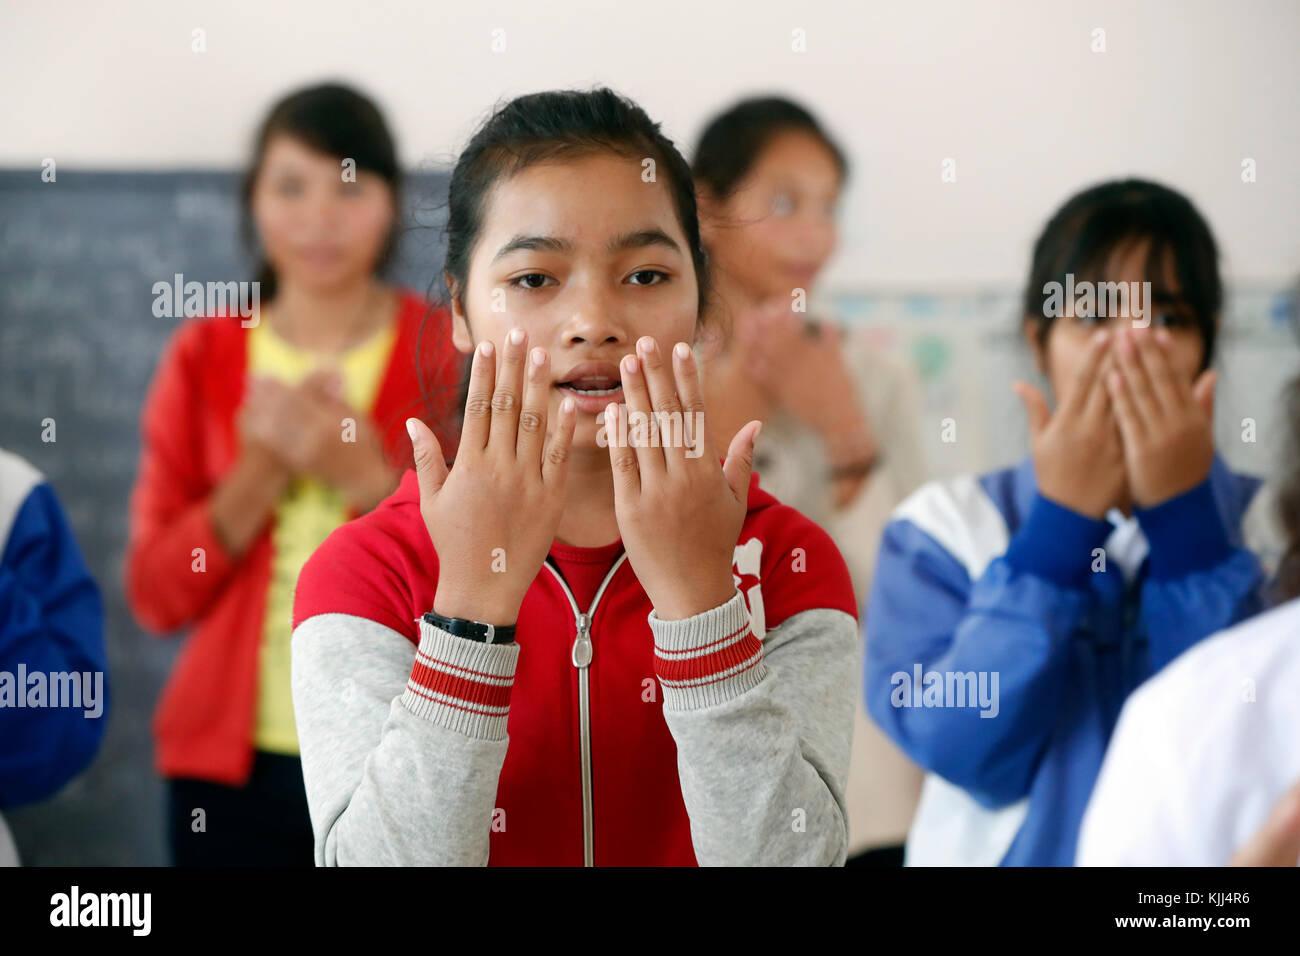 Centro para la minoría étnica girl dirigido por las Hermanas Franciscanas Misioneras de María. Imagen De Stock